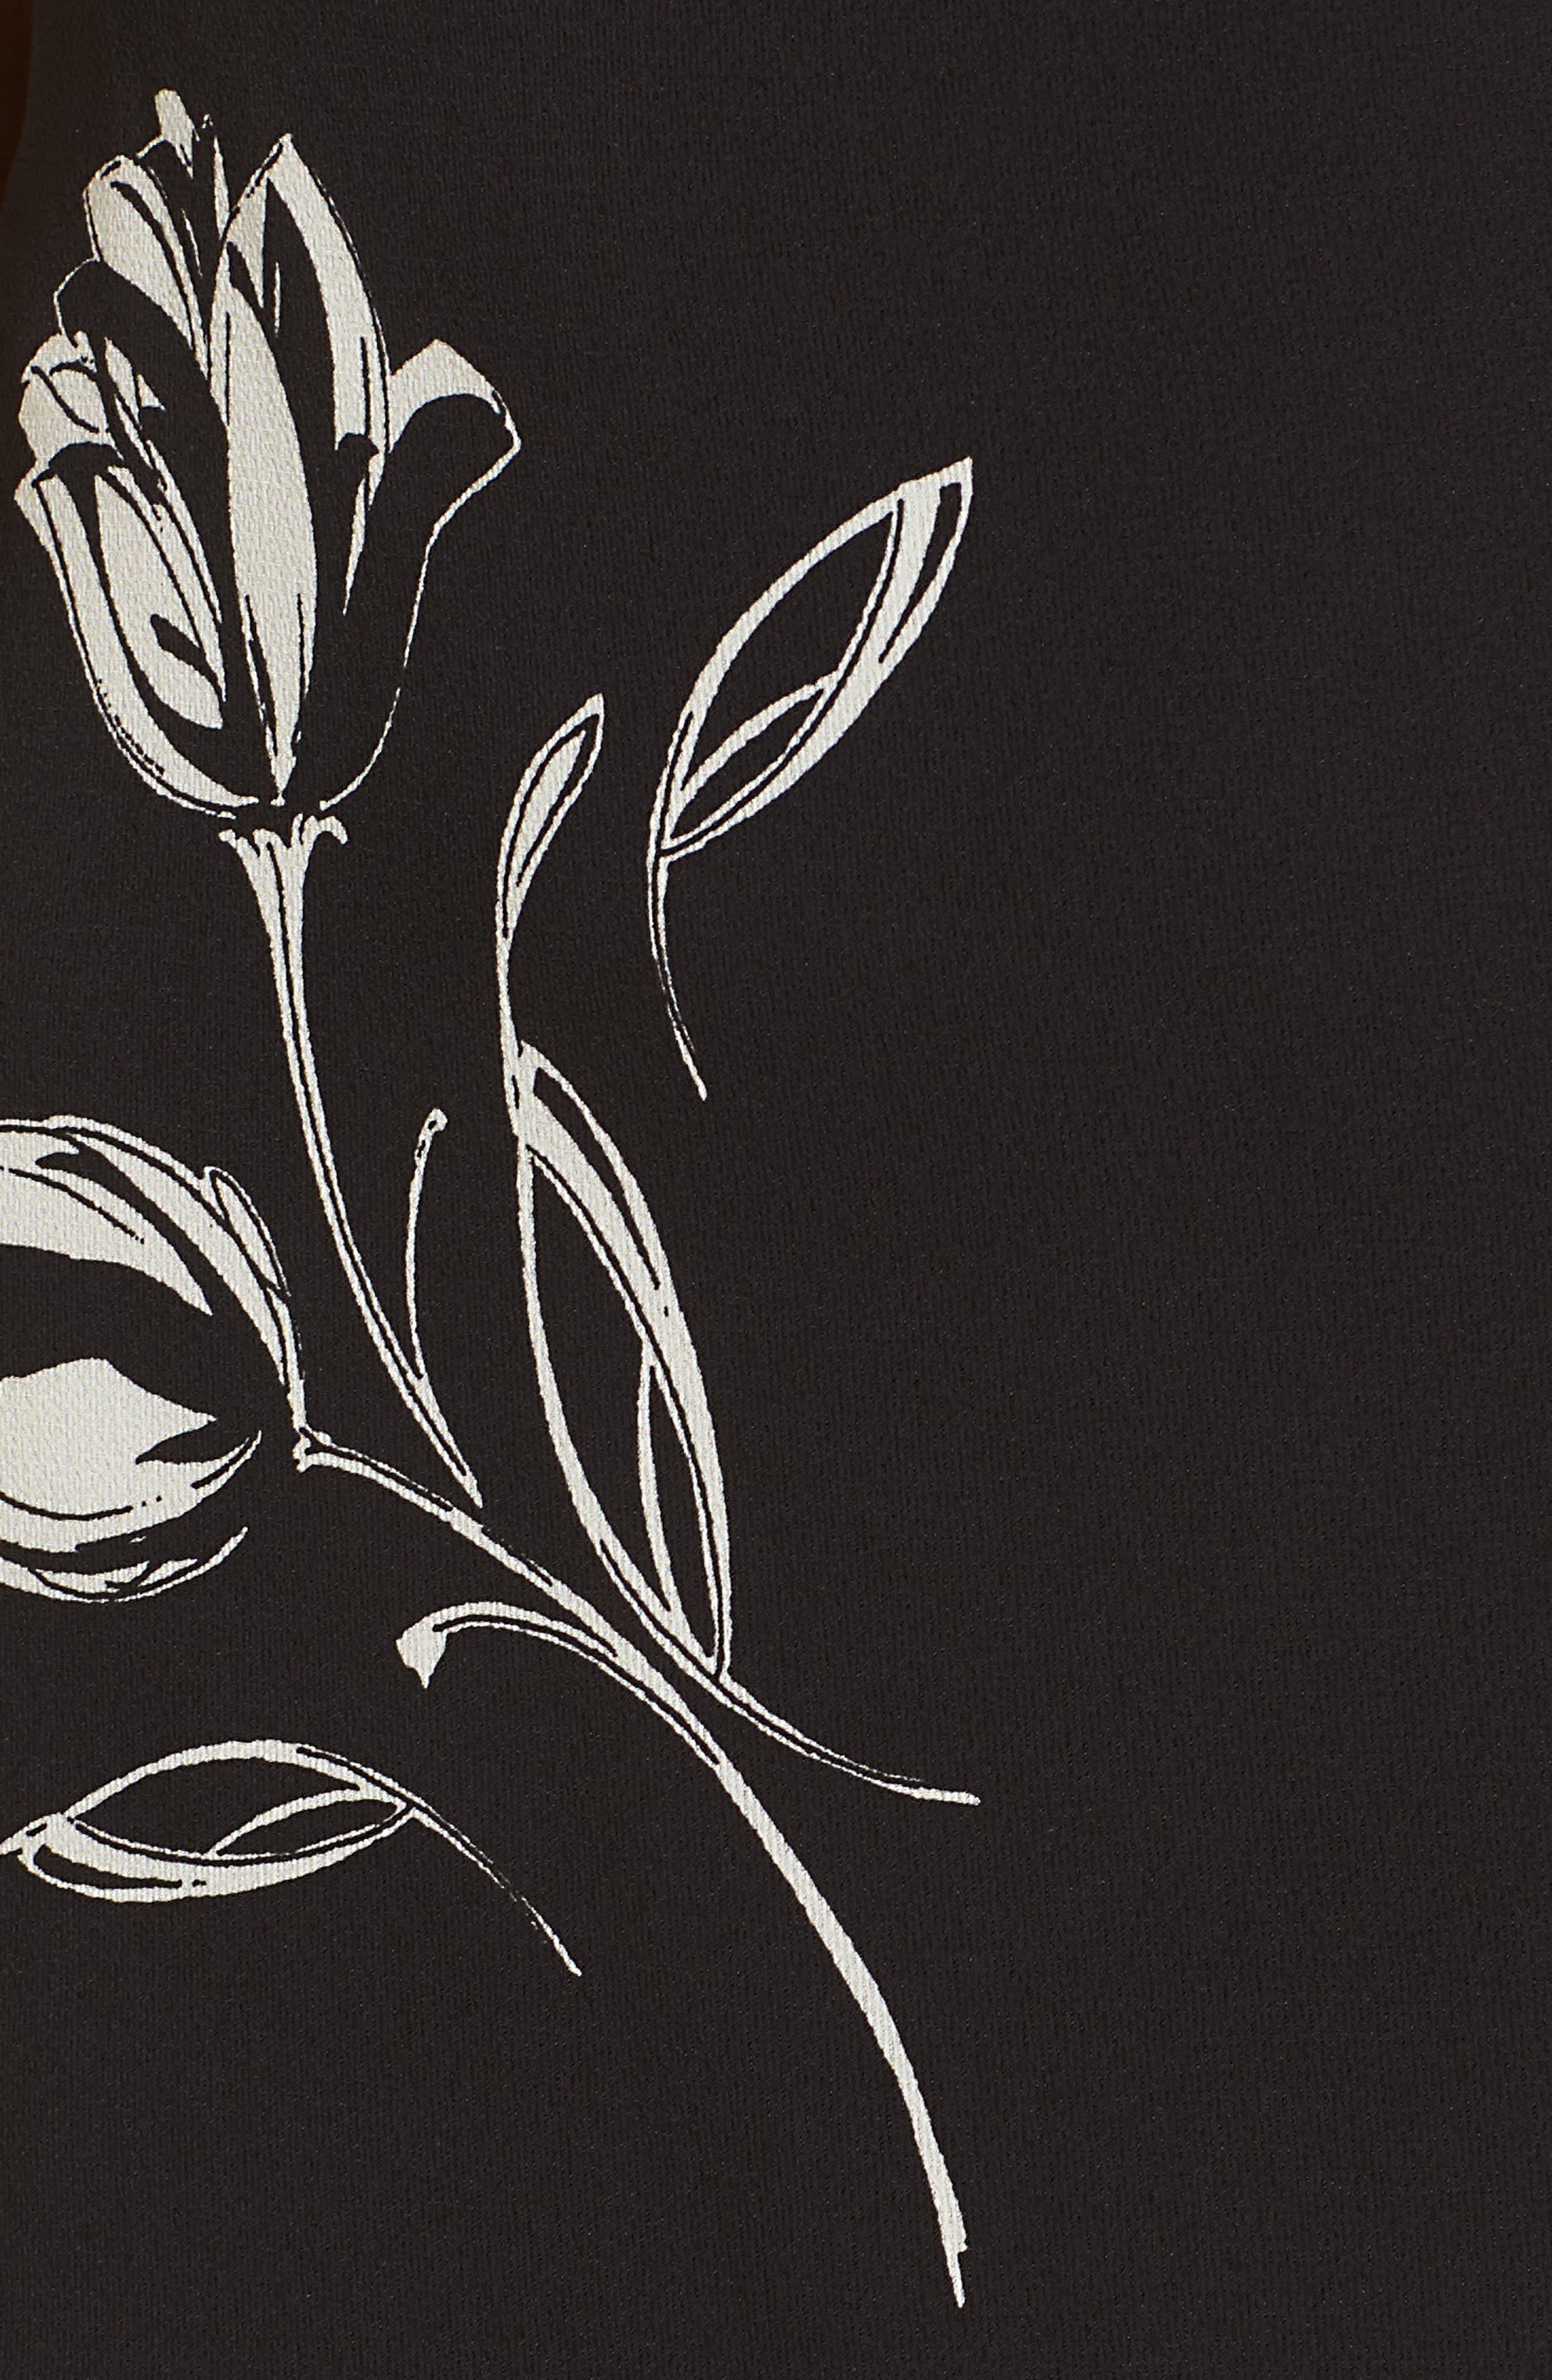 Ruffle Trim Tulip Print Dress,                             Alternate thumbnail 5, color,                             Black/ Ivory